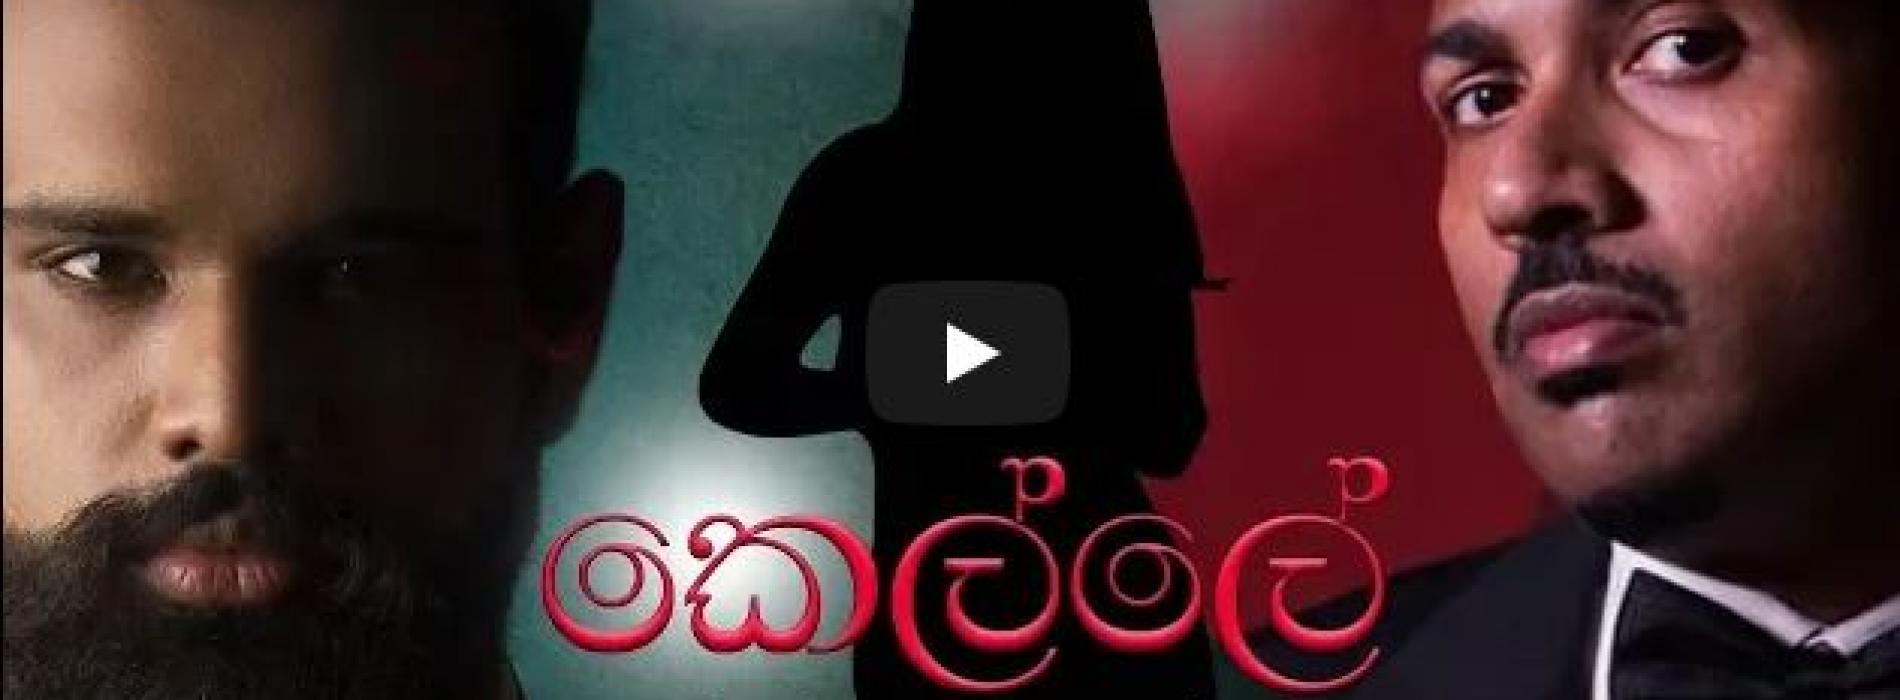 කෙල්ලේ (Kelle)- Mihindu Ariyaratne & Chinthy Feat. Raj Thillaiyampalam (Lyric Video)